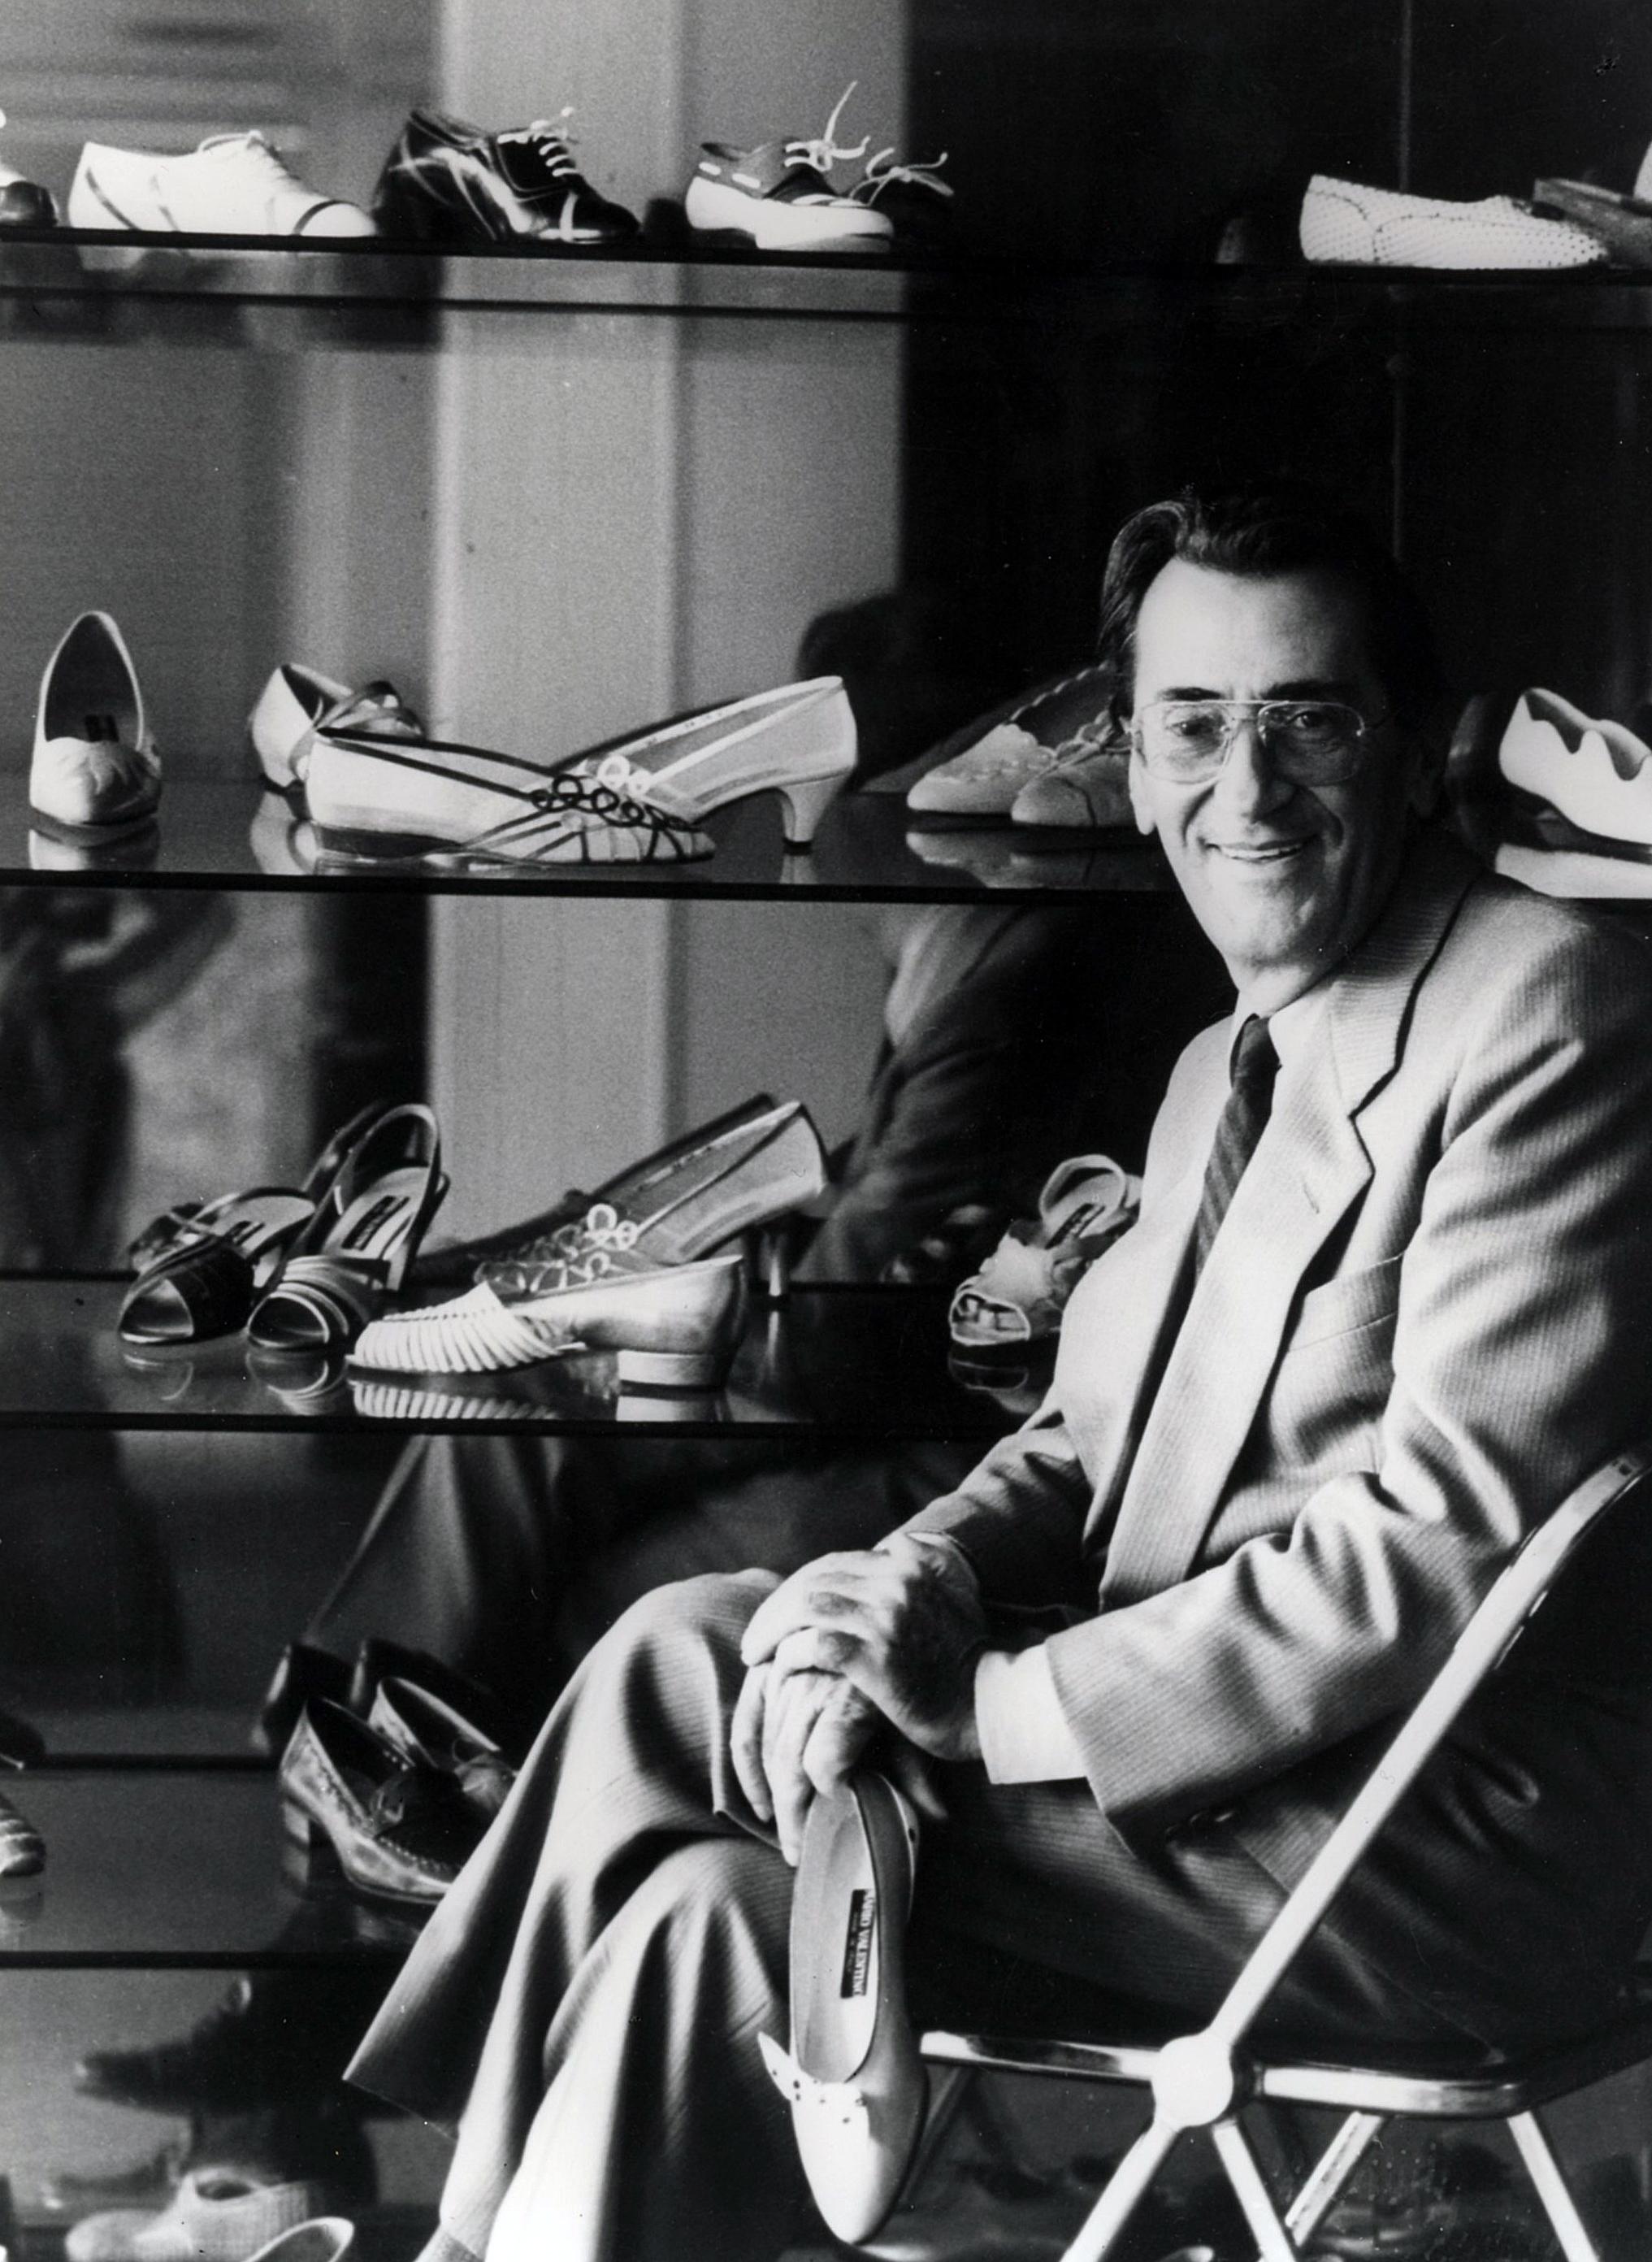 Mario Valentino ritratto da Mimmo Jodice-Archivio Mario Valentino